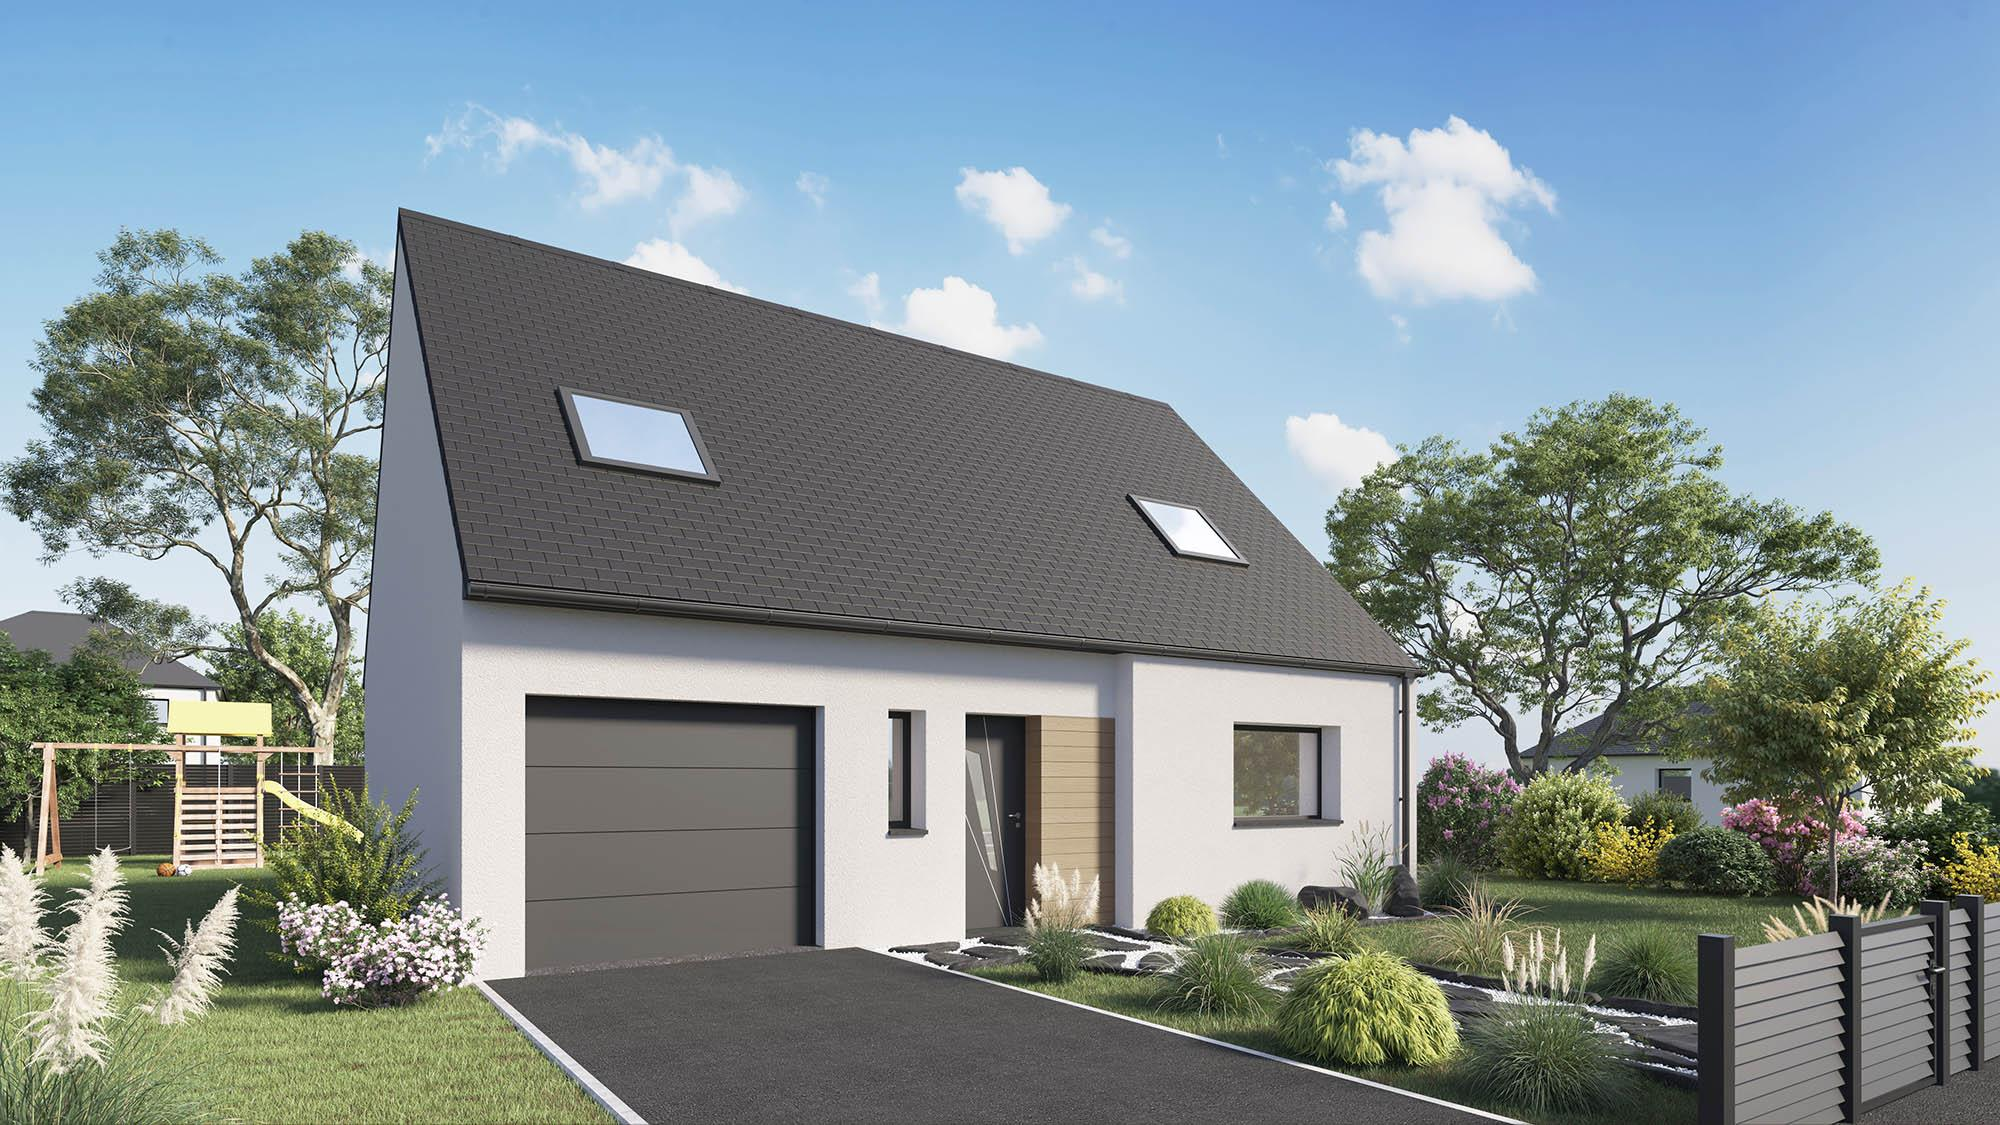 Maisons + Terrains du constructeur MAISON CASTOR • 113 m² • GAUCIEL